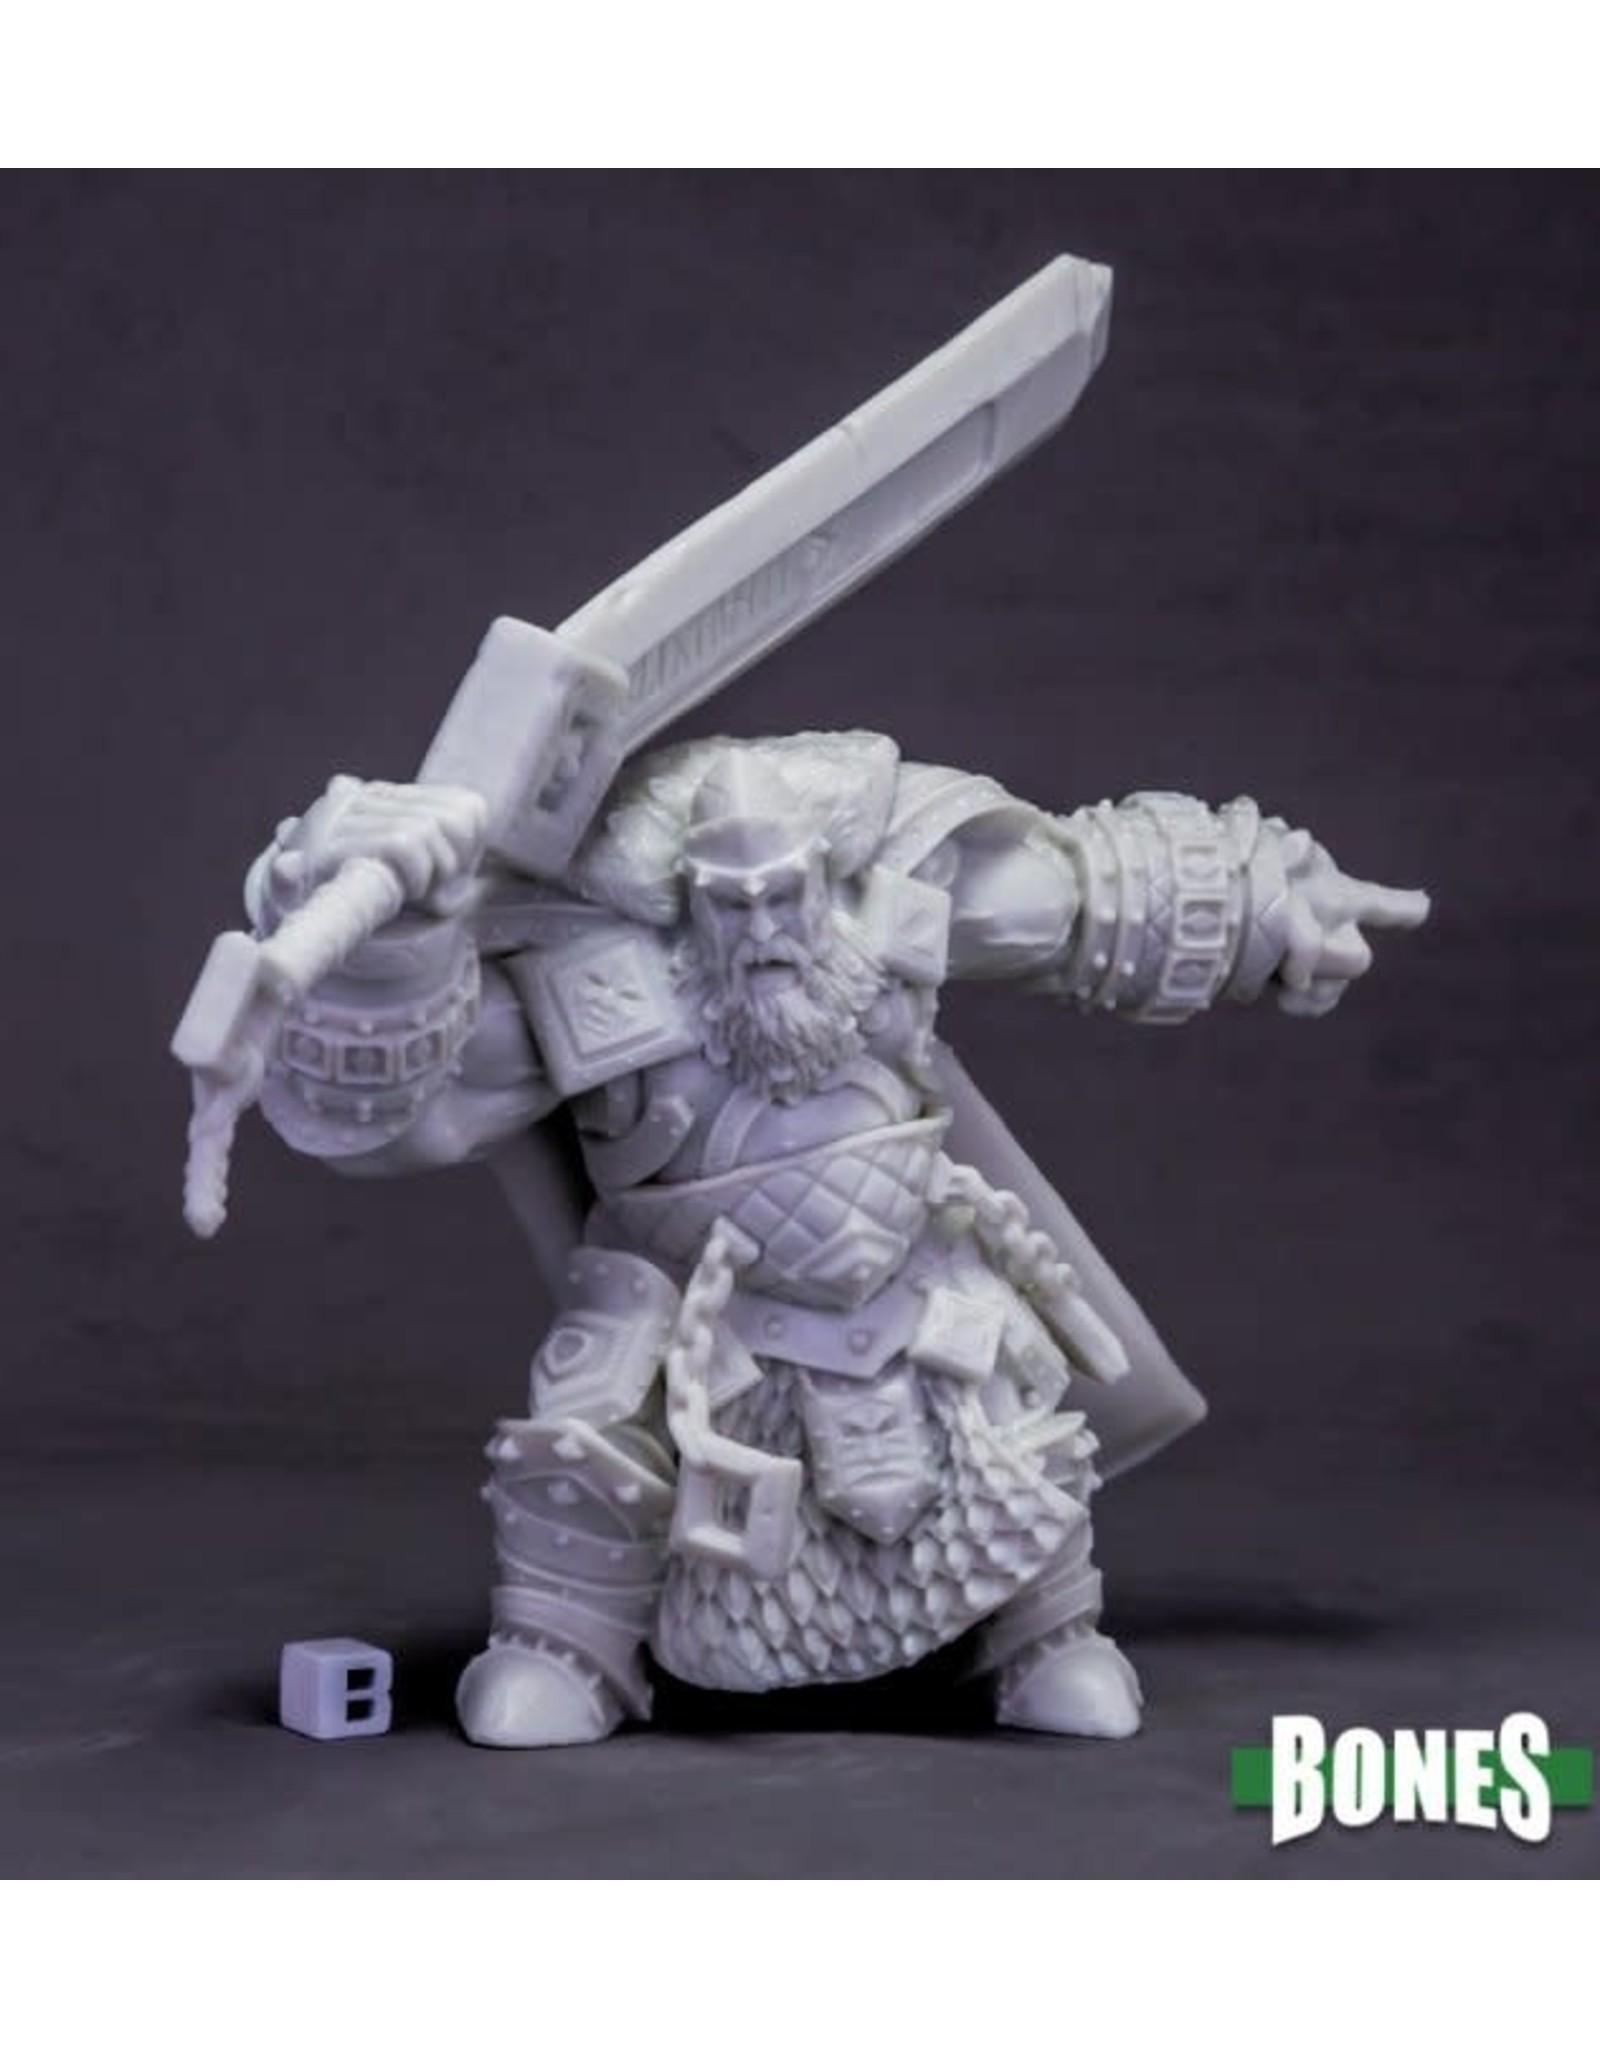 Reaper Miniatures Bones: Skorg Ironskull, Fire Giant King (Huge)